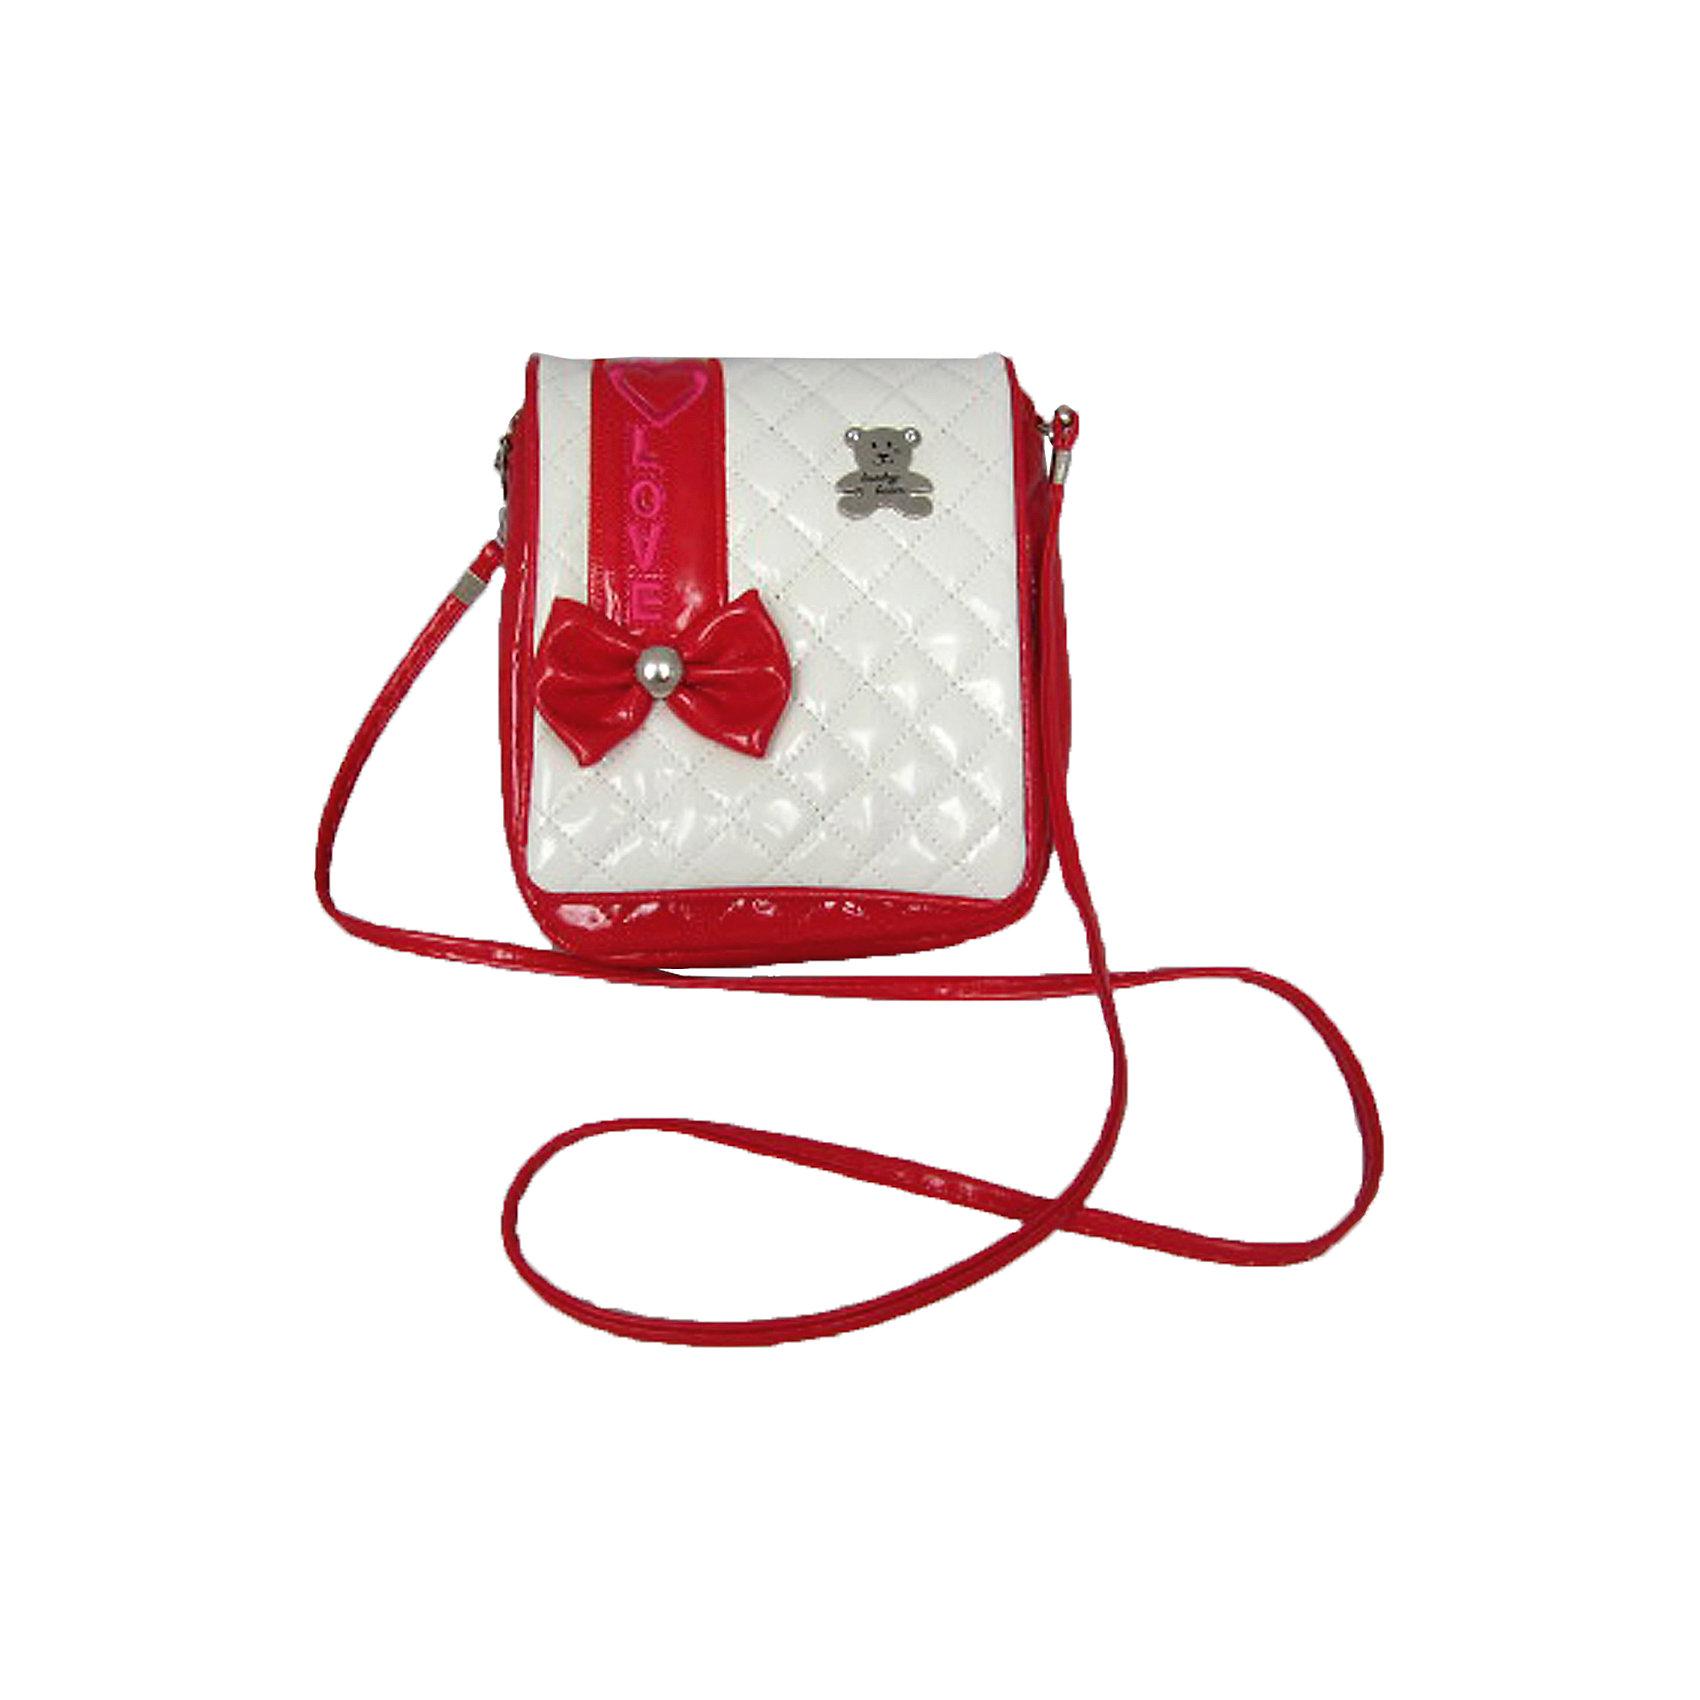 Сумочка Мишки на плечо красно-белаяКаждая маленькая модница точно знает, как важно, чтобы сумочка подходила по цвету к туфлям! Новая коллекция сумочек для девочек выполнена в самых любимых девичьих цветах. В сумочку можно положить зеркальце, расческу и заколки - теперь все необходимое всегда под рукой!<br><br>Ширина мм: 210<br>Глубина мм: 180<br>Высота мм: 300<br>Вес г: 116<br>Возраст от месяцев: 36<br>Возраст до месяцев: 2147483647<br>Пол: Женский<br>Возраст: Детский<br>SKU: 5508566